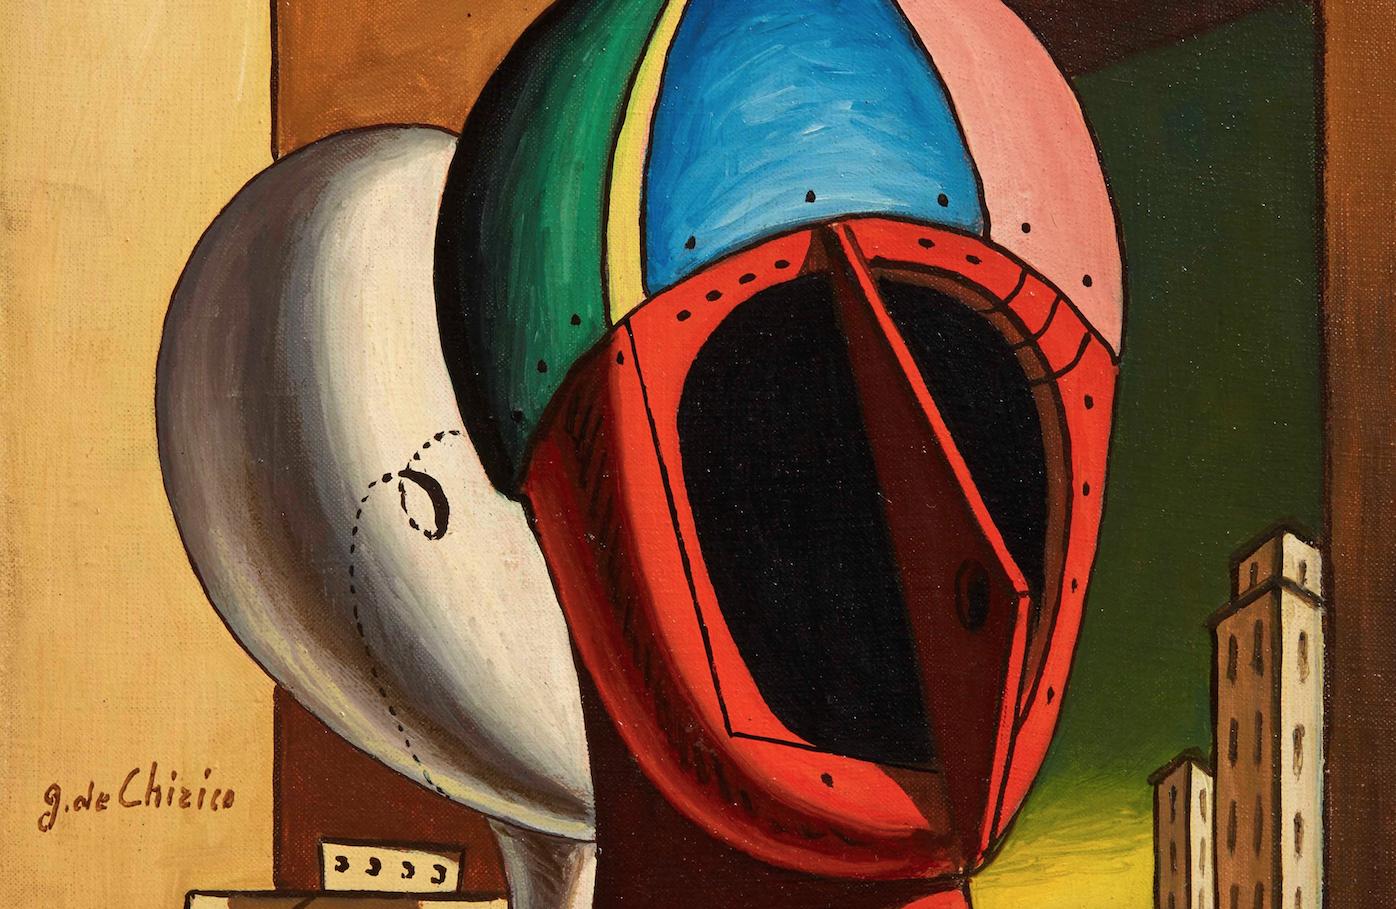 Dalla metafisica di De Chirico al Cubismo di Emil Filla. L'asta di Pandolfini